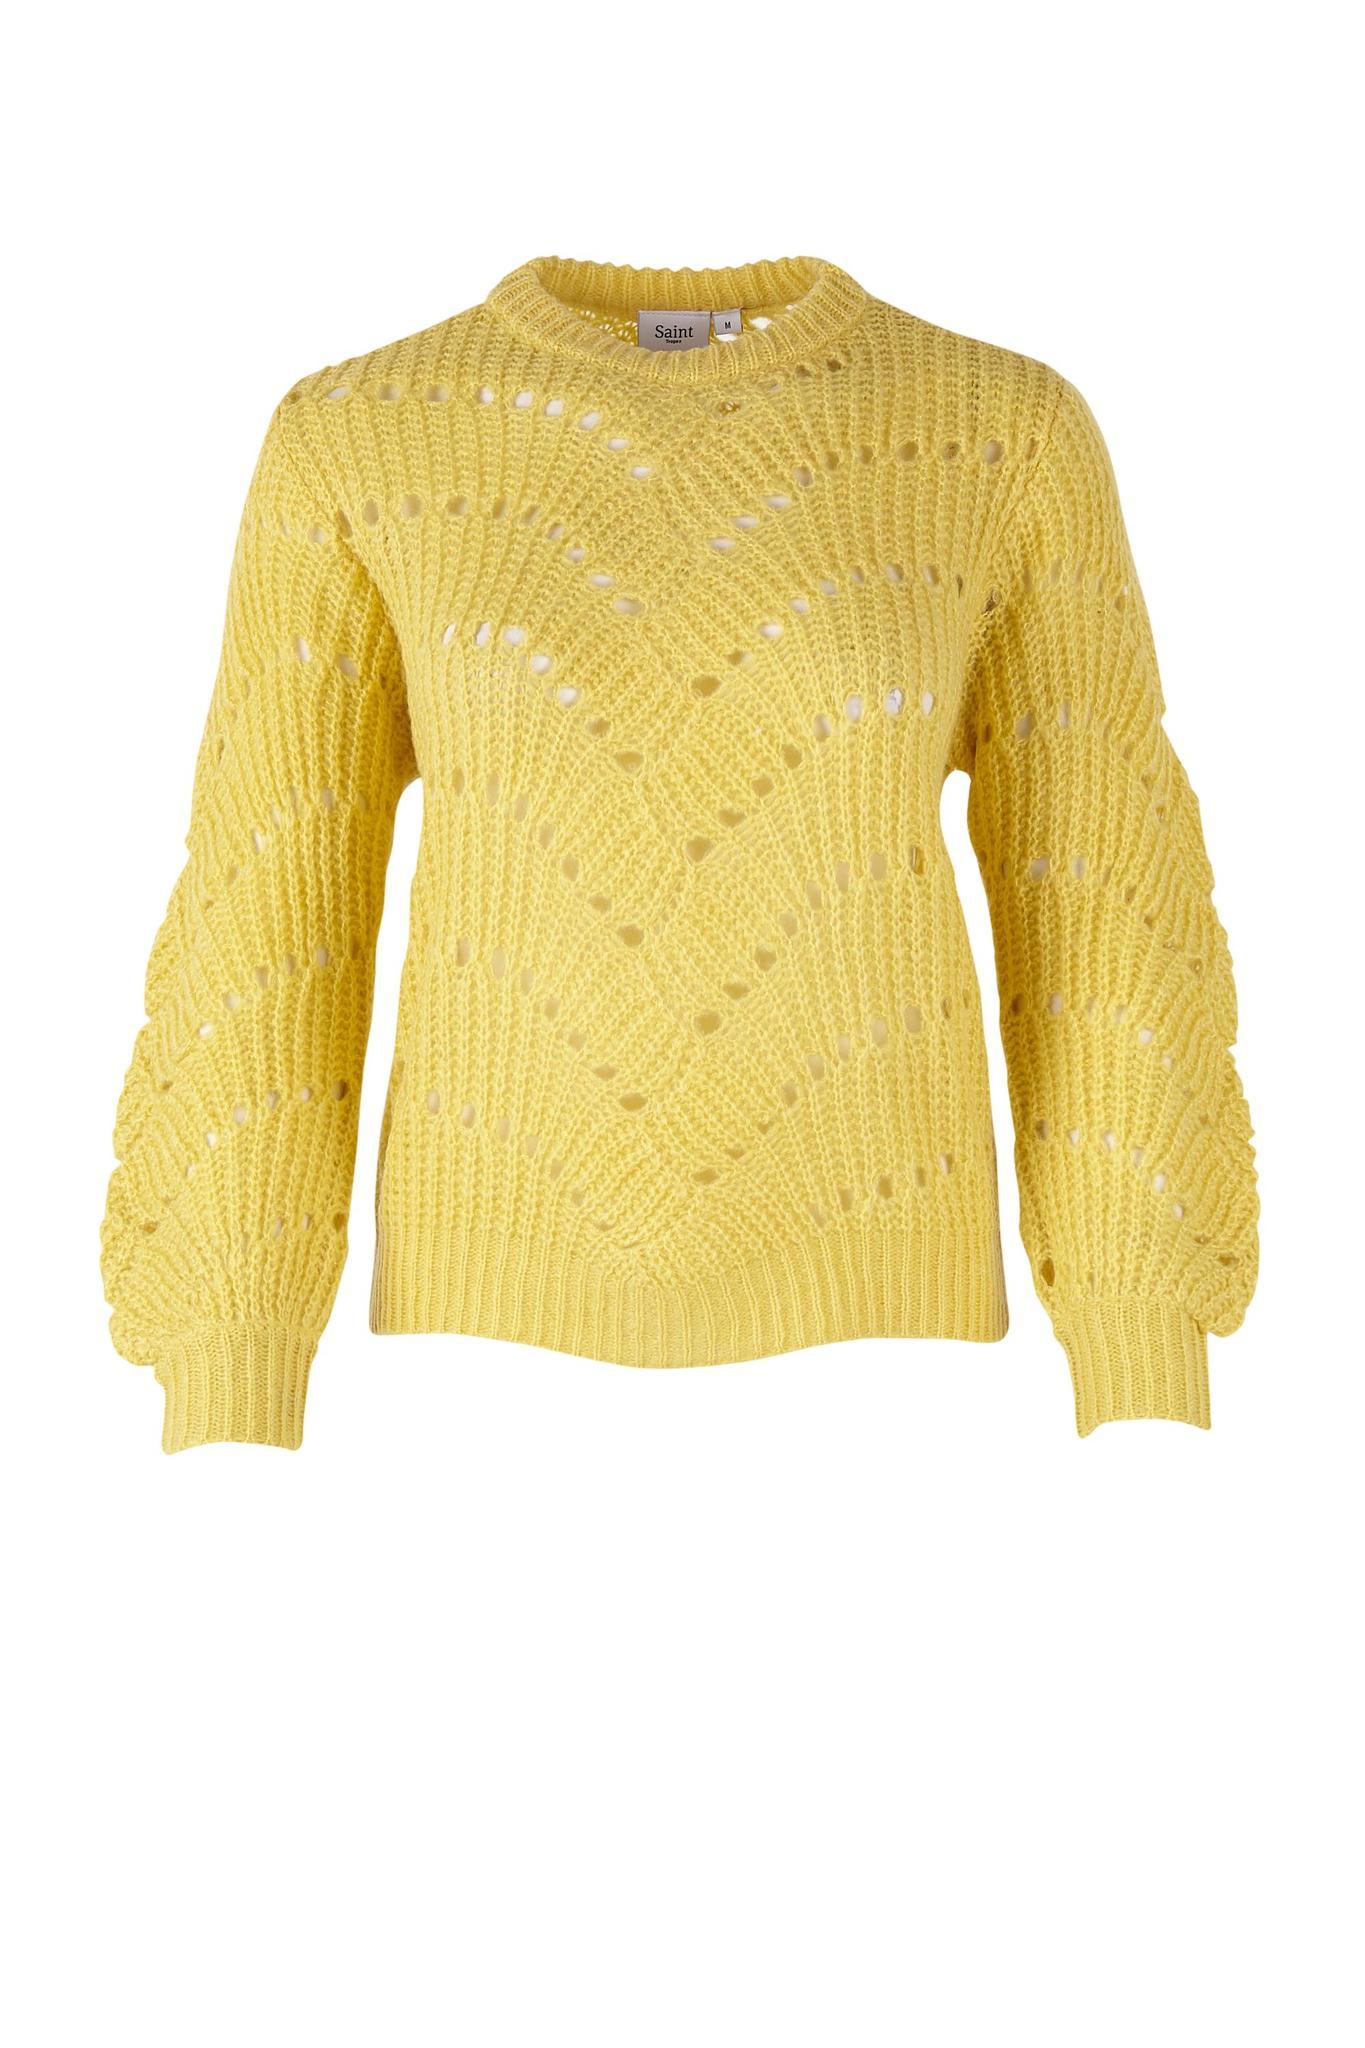 c769a9bce21 Saint Tropez strik i en smuk gul farve - Strik - Tøj